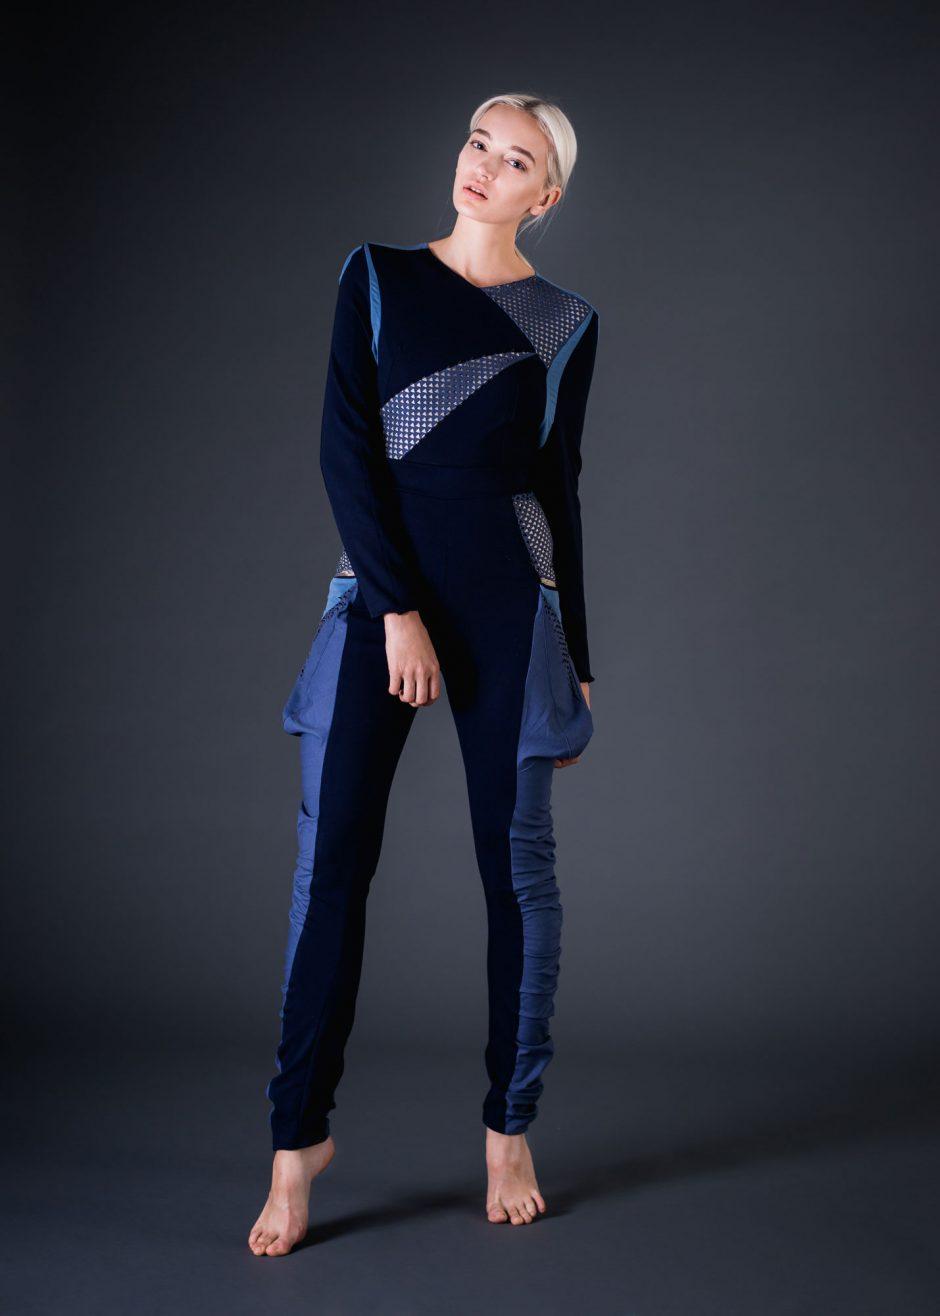 Ihre Yoga-Inforce-Kollektion hat die Berliner Designerin Lilien Stenglein aus einem Lasercut-Mesh und einem zu 99 Prozent aus reinem Silber bestehenden Stoff gefertigt